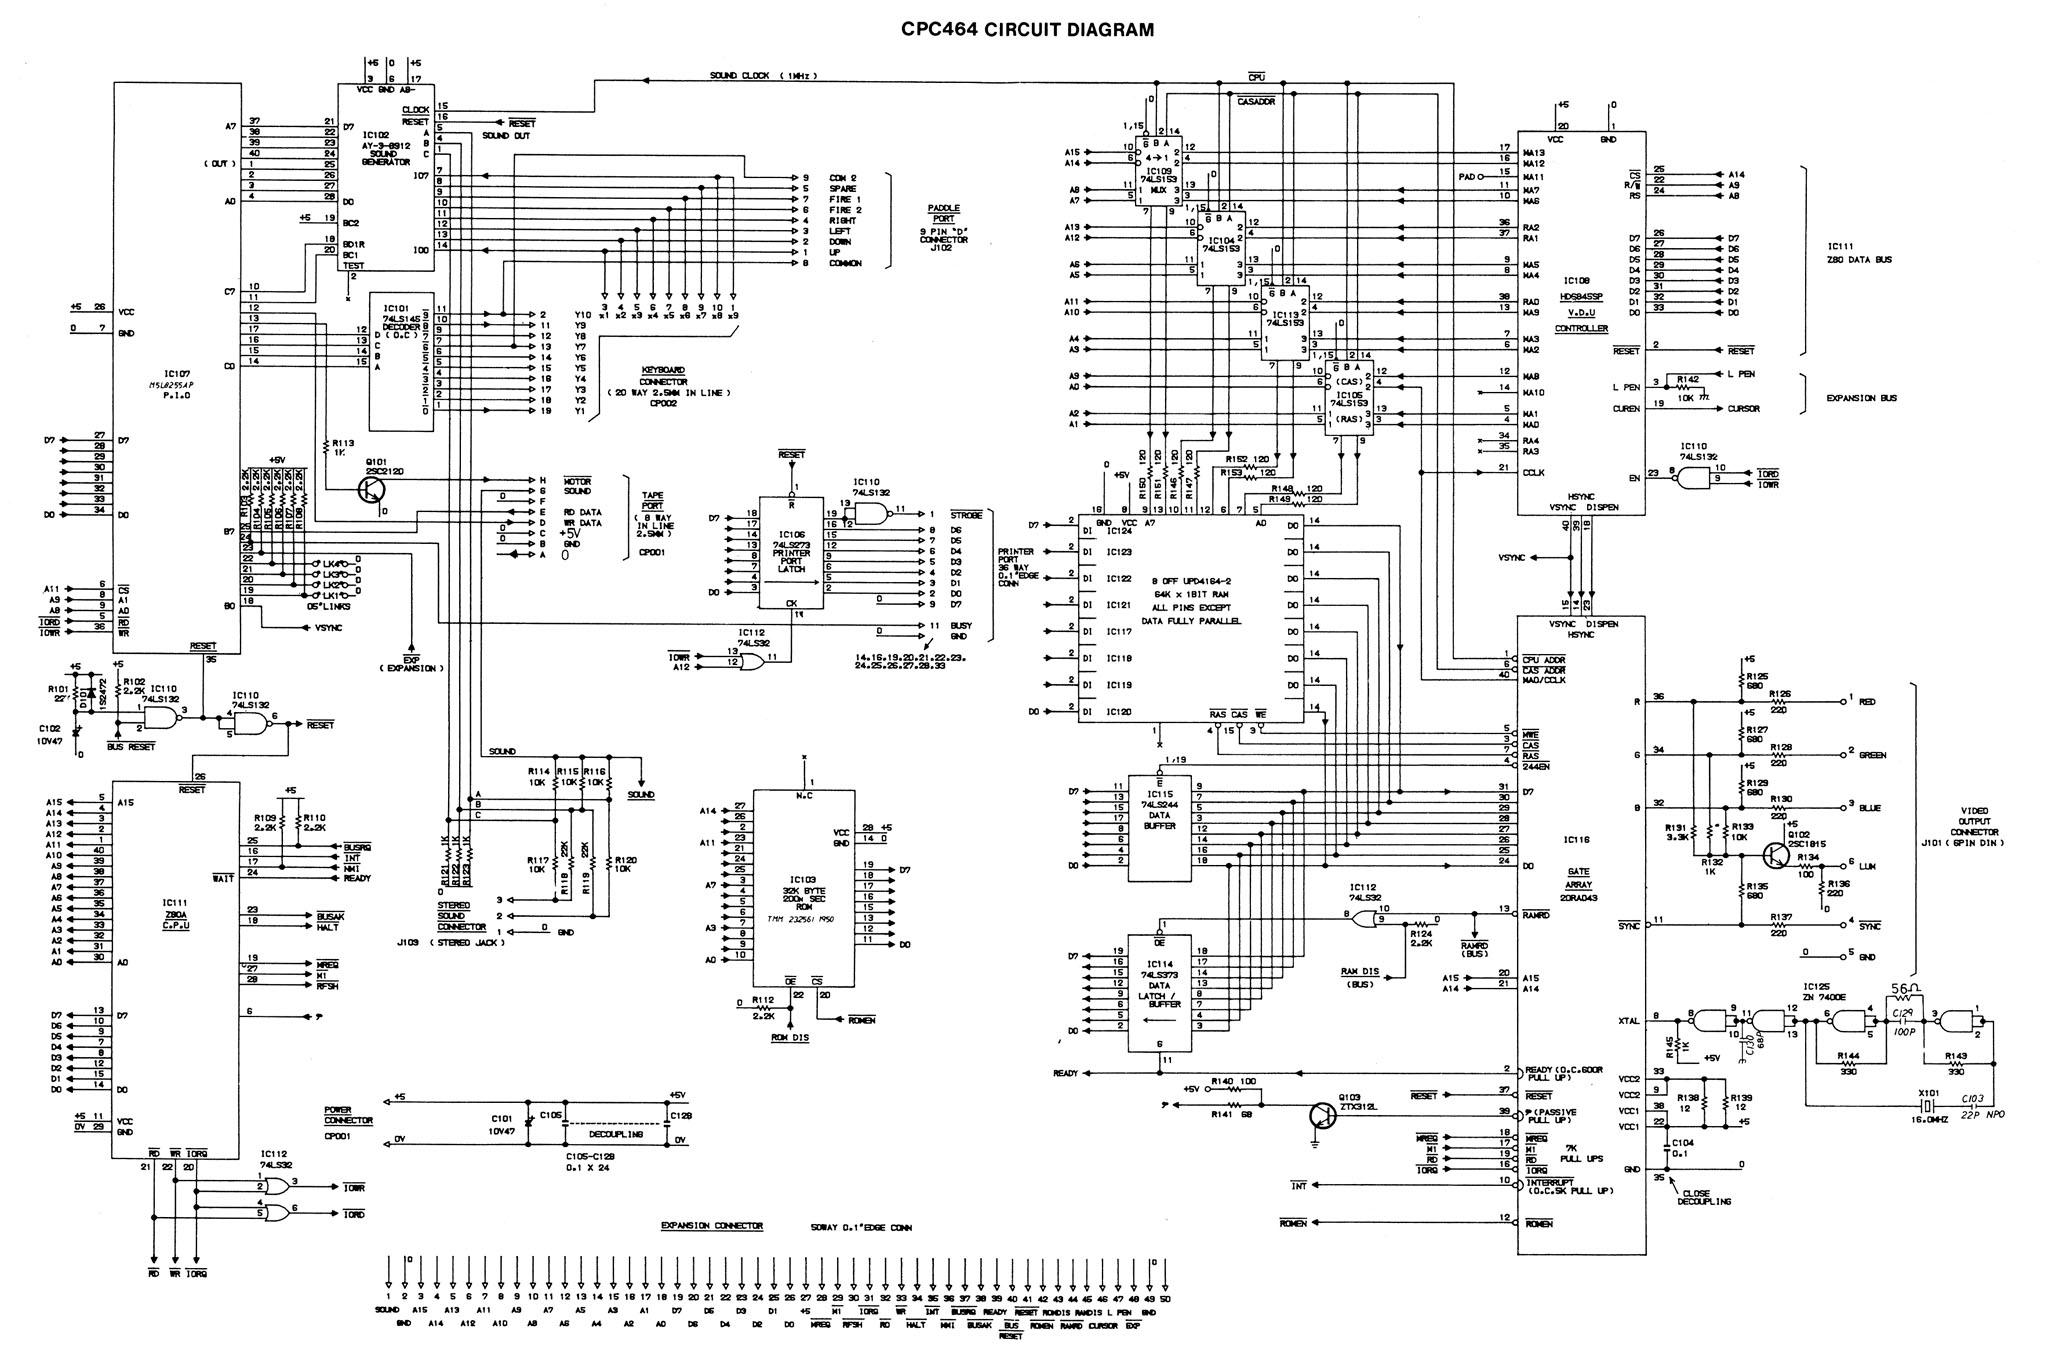 L Histoire Du Merveilleux Amstrad Cpc 464